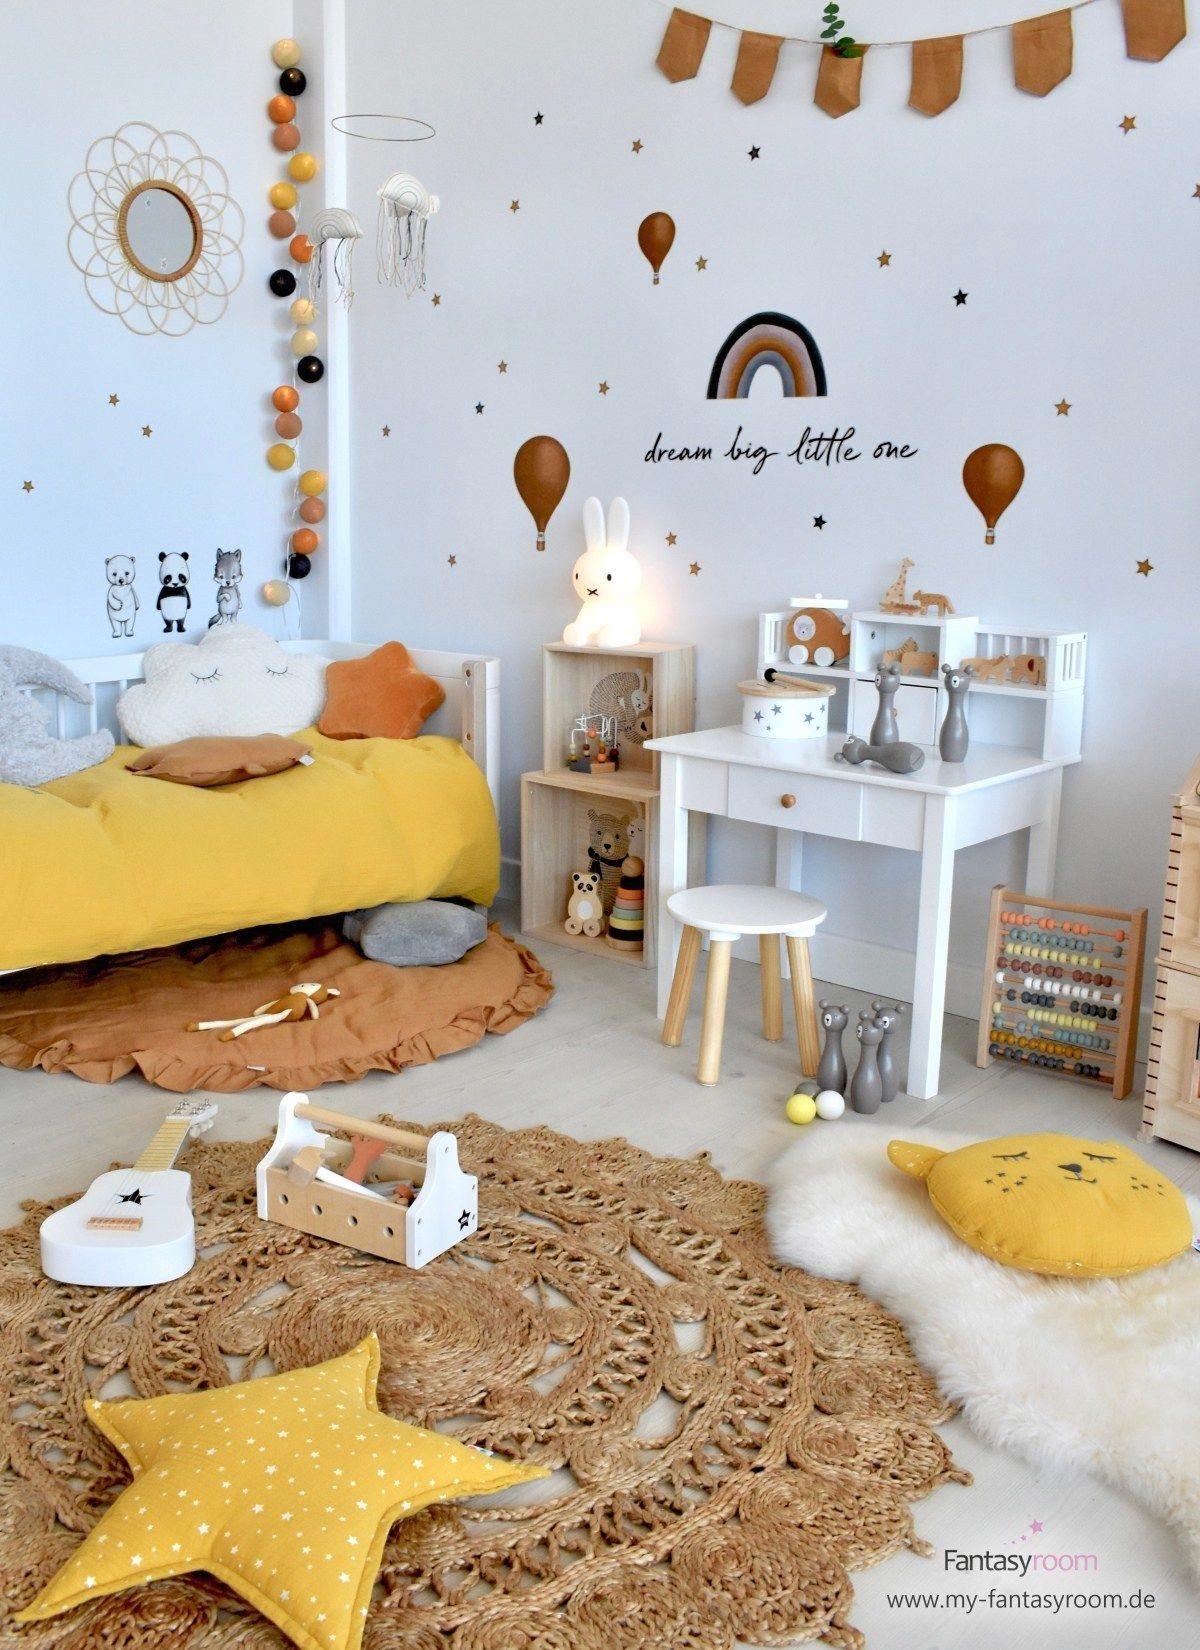 Kinderzimmer In Warmen Farben Mit Cognacfarbenen Wandstickern Von Stickstay Childrensroomdecor Kid Room Decor Kids Room Inspiration Girl Room